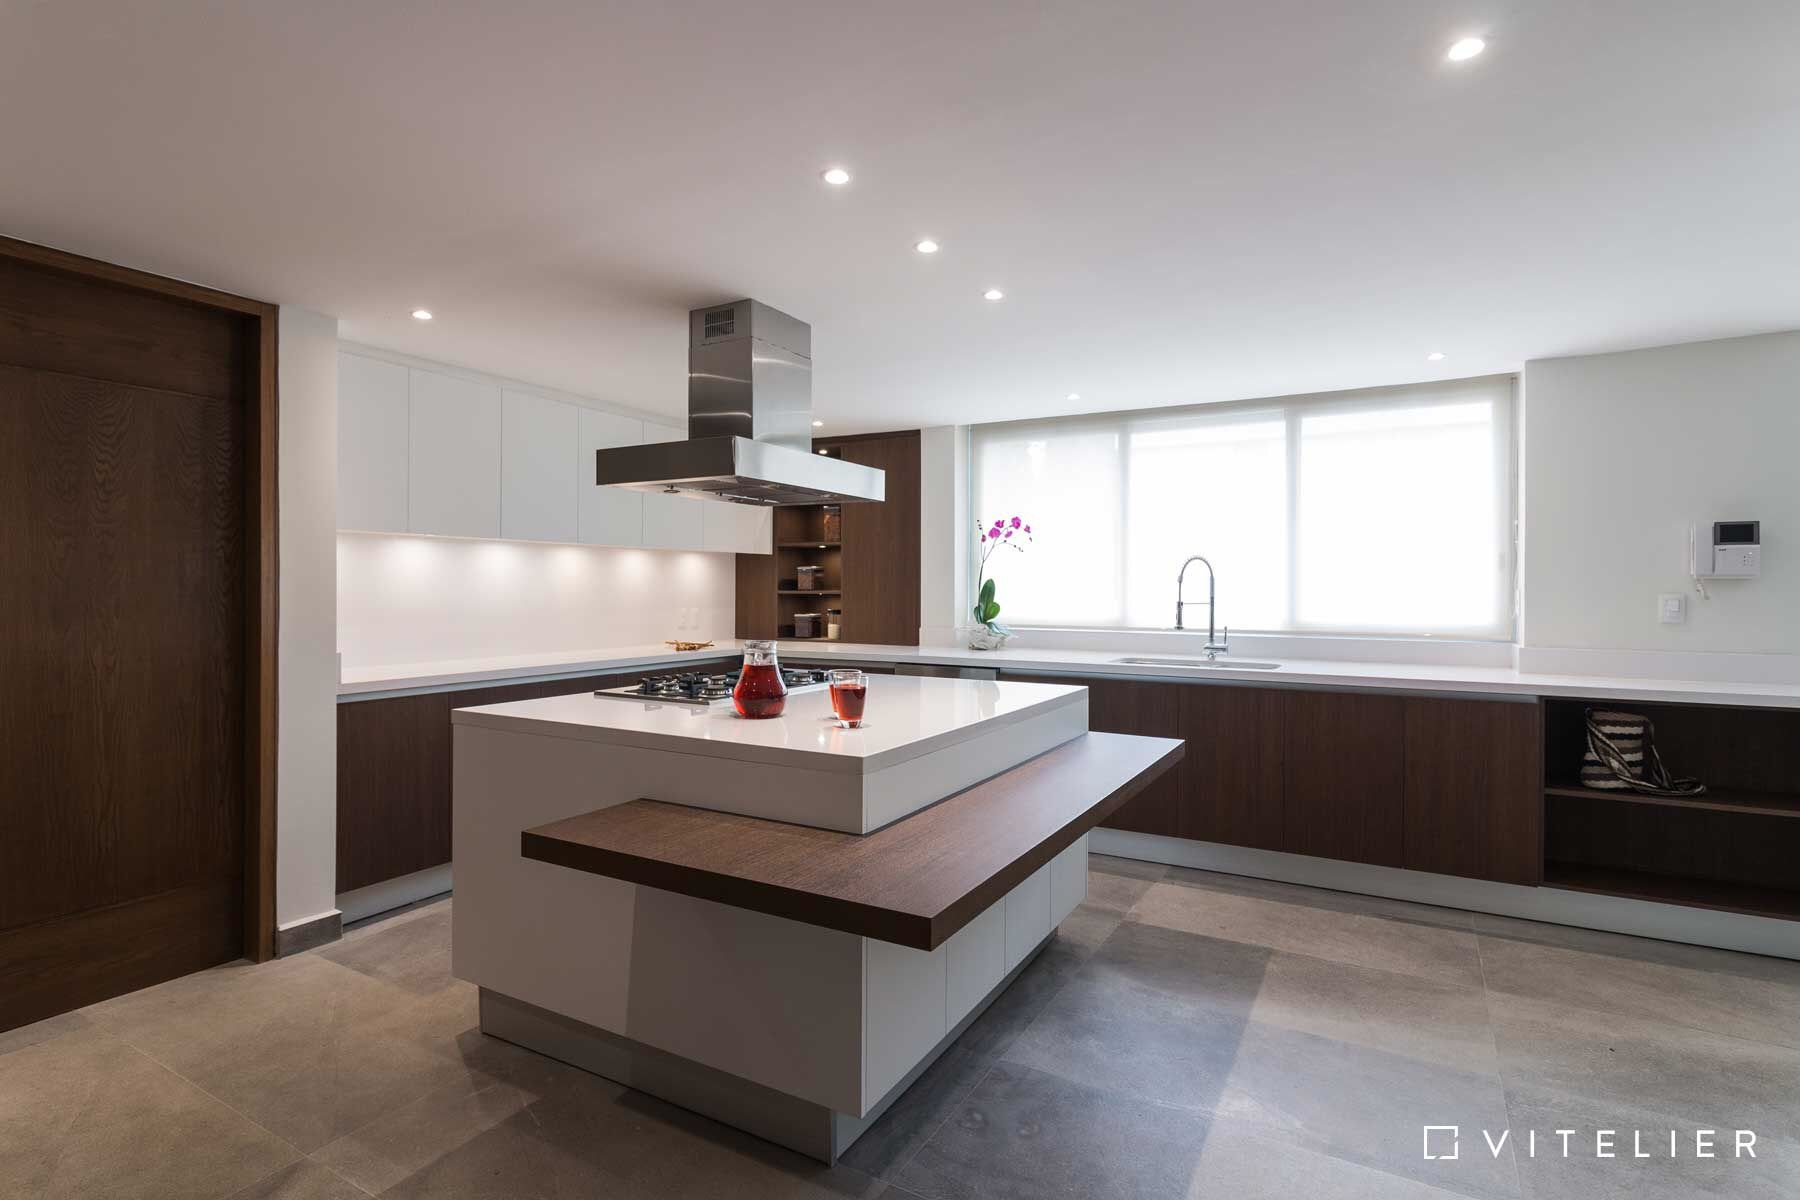 Cocina abierta blanca con madera y detalles de iluminación para ...